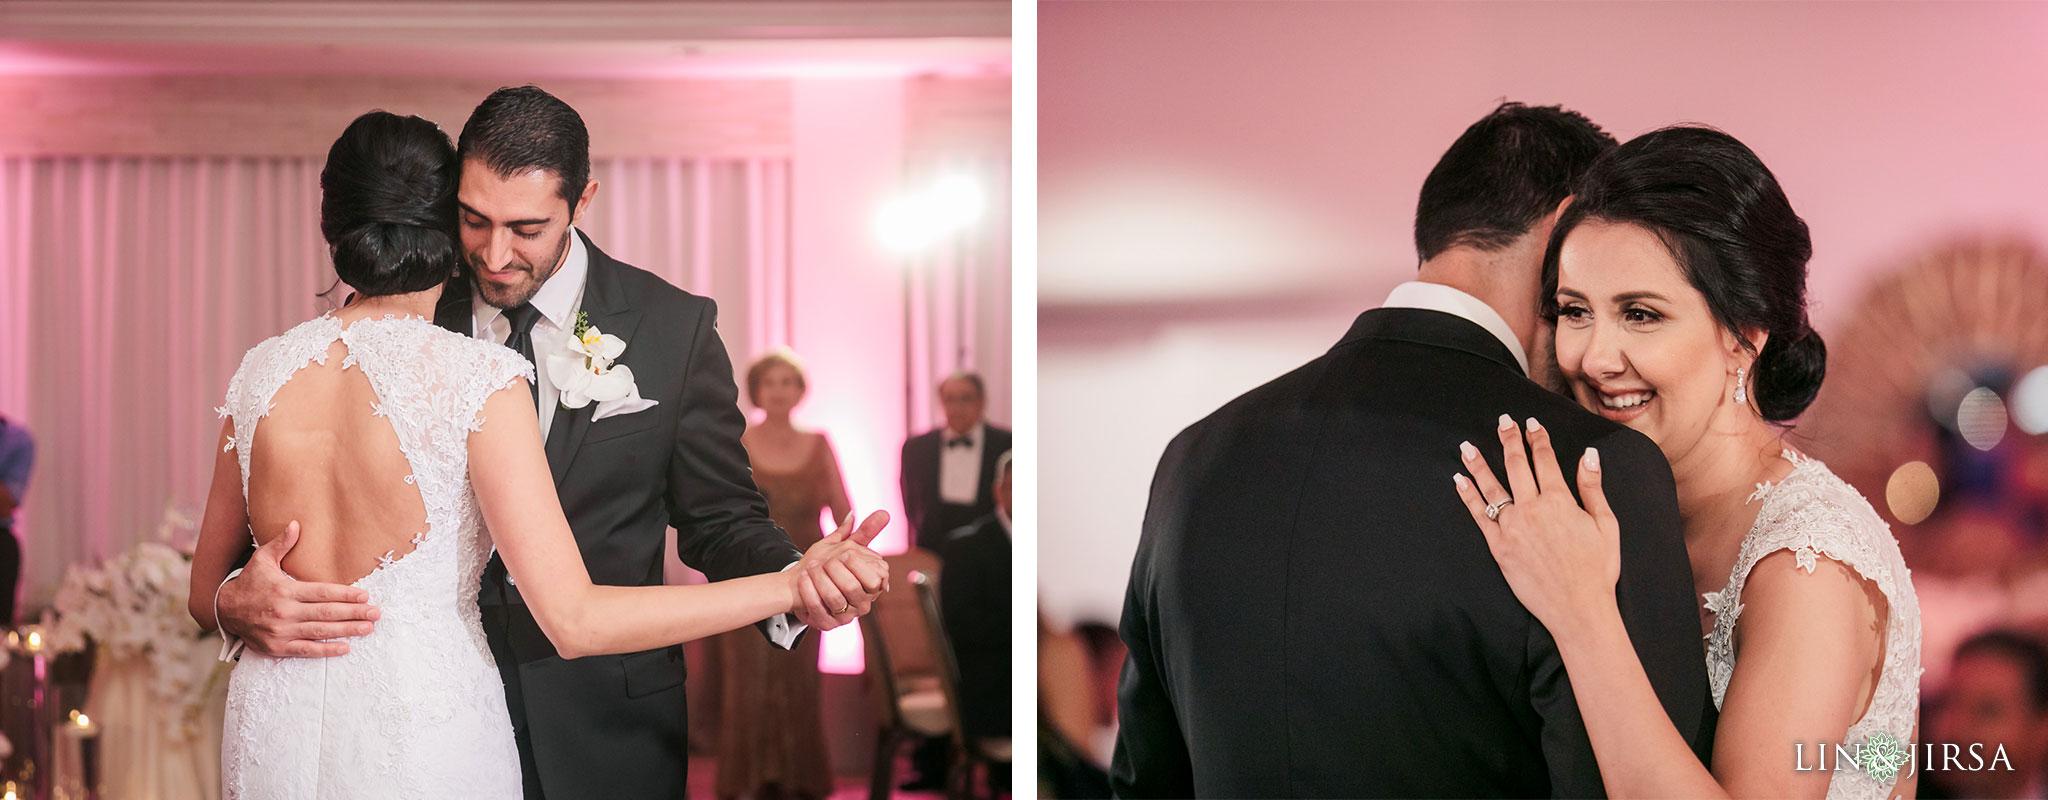 047 estancia la jolla hotel spa persian wedding reception photography